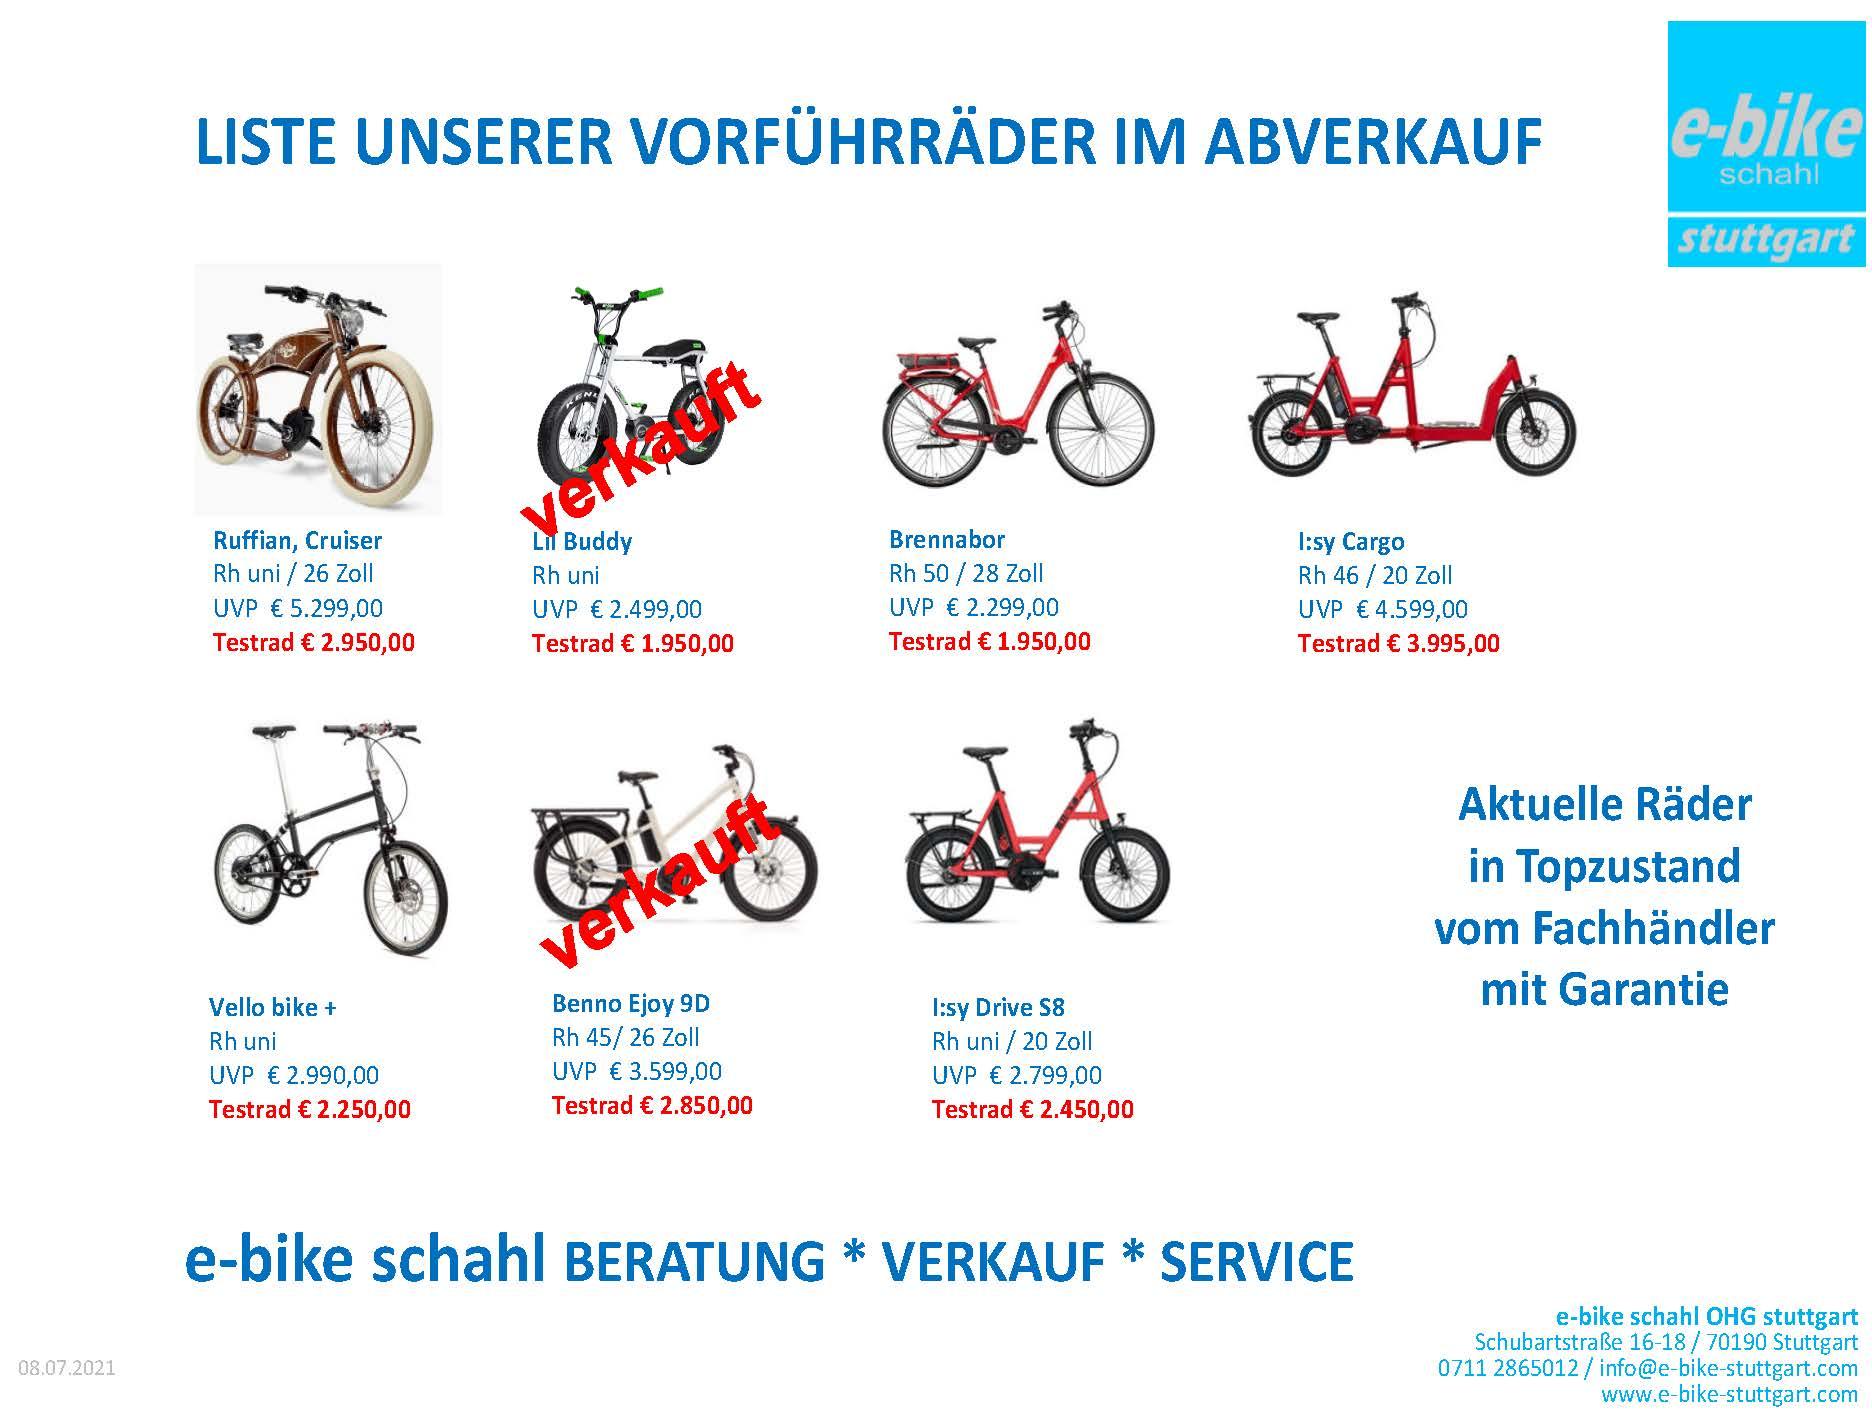 Die Liste aller Abverkaufsräder also der Räder, die im Laden vorhanden sind und zum Kauf bereitstehen